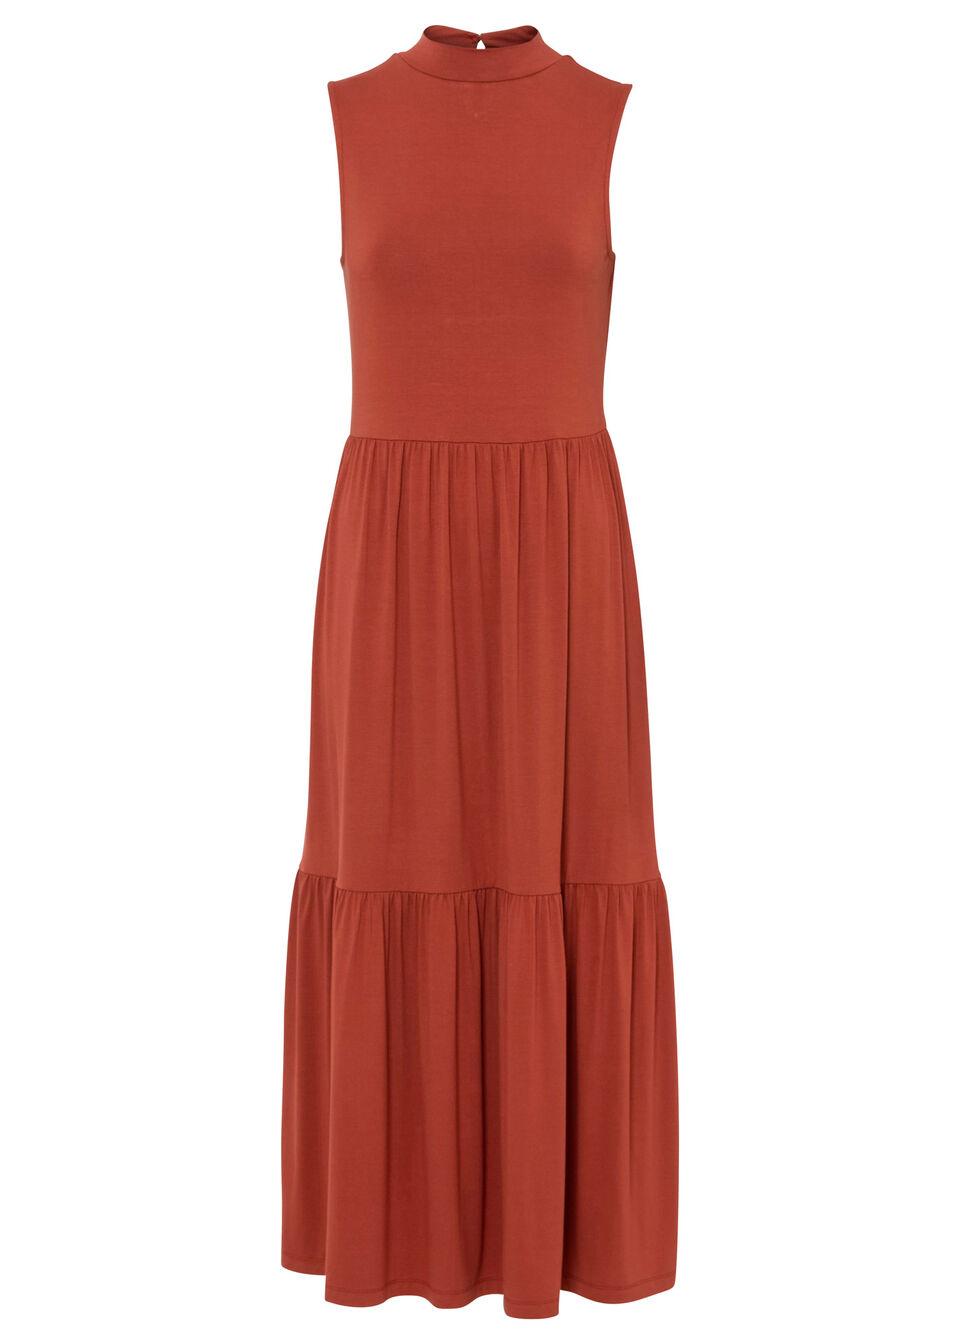 Sukienka midi z falban, z przyjaznej dla środowiska wiskozy bonprix brązowy marsala